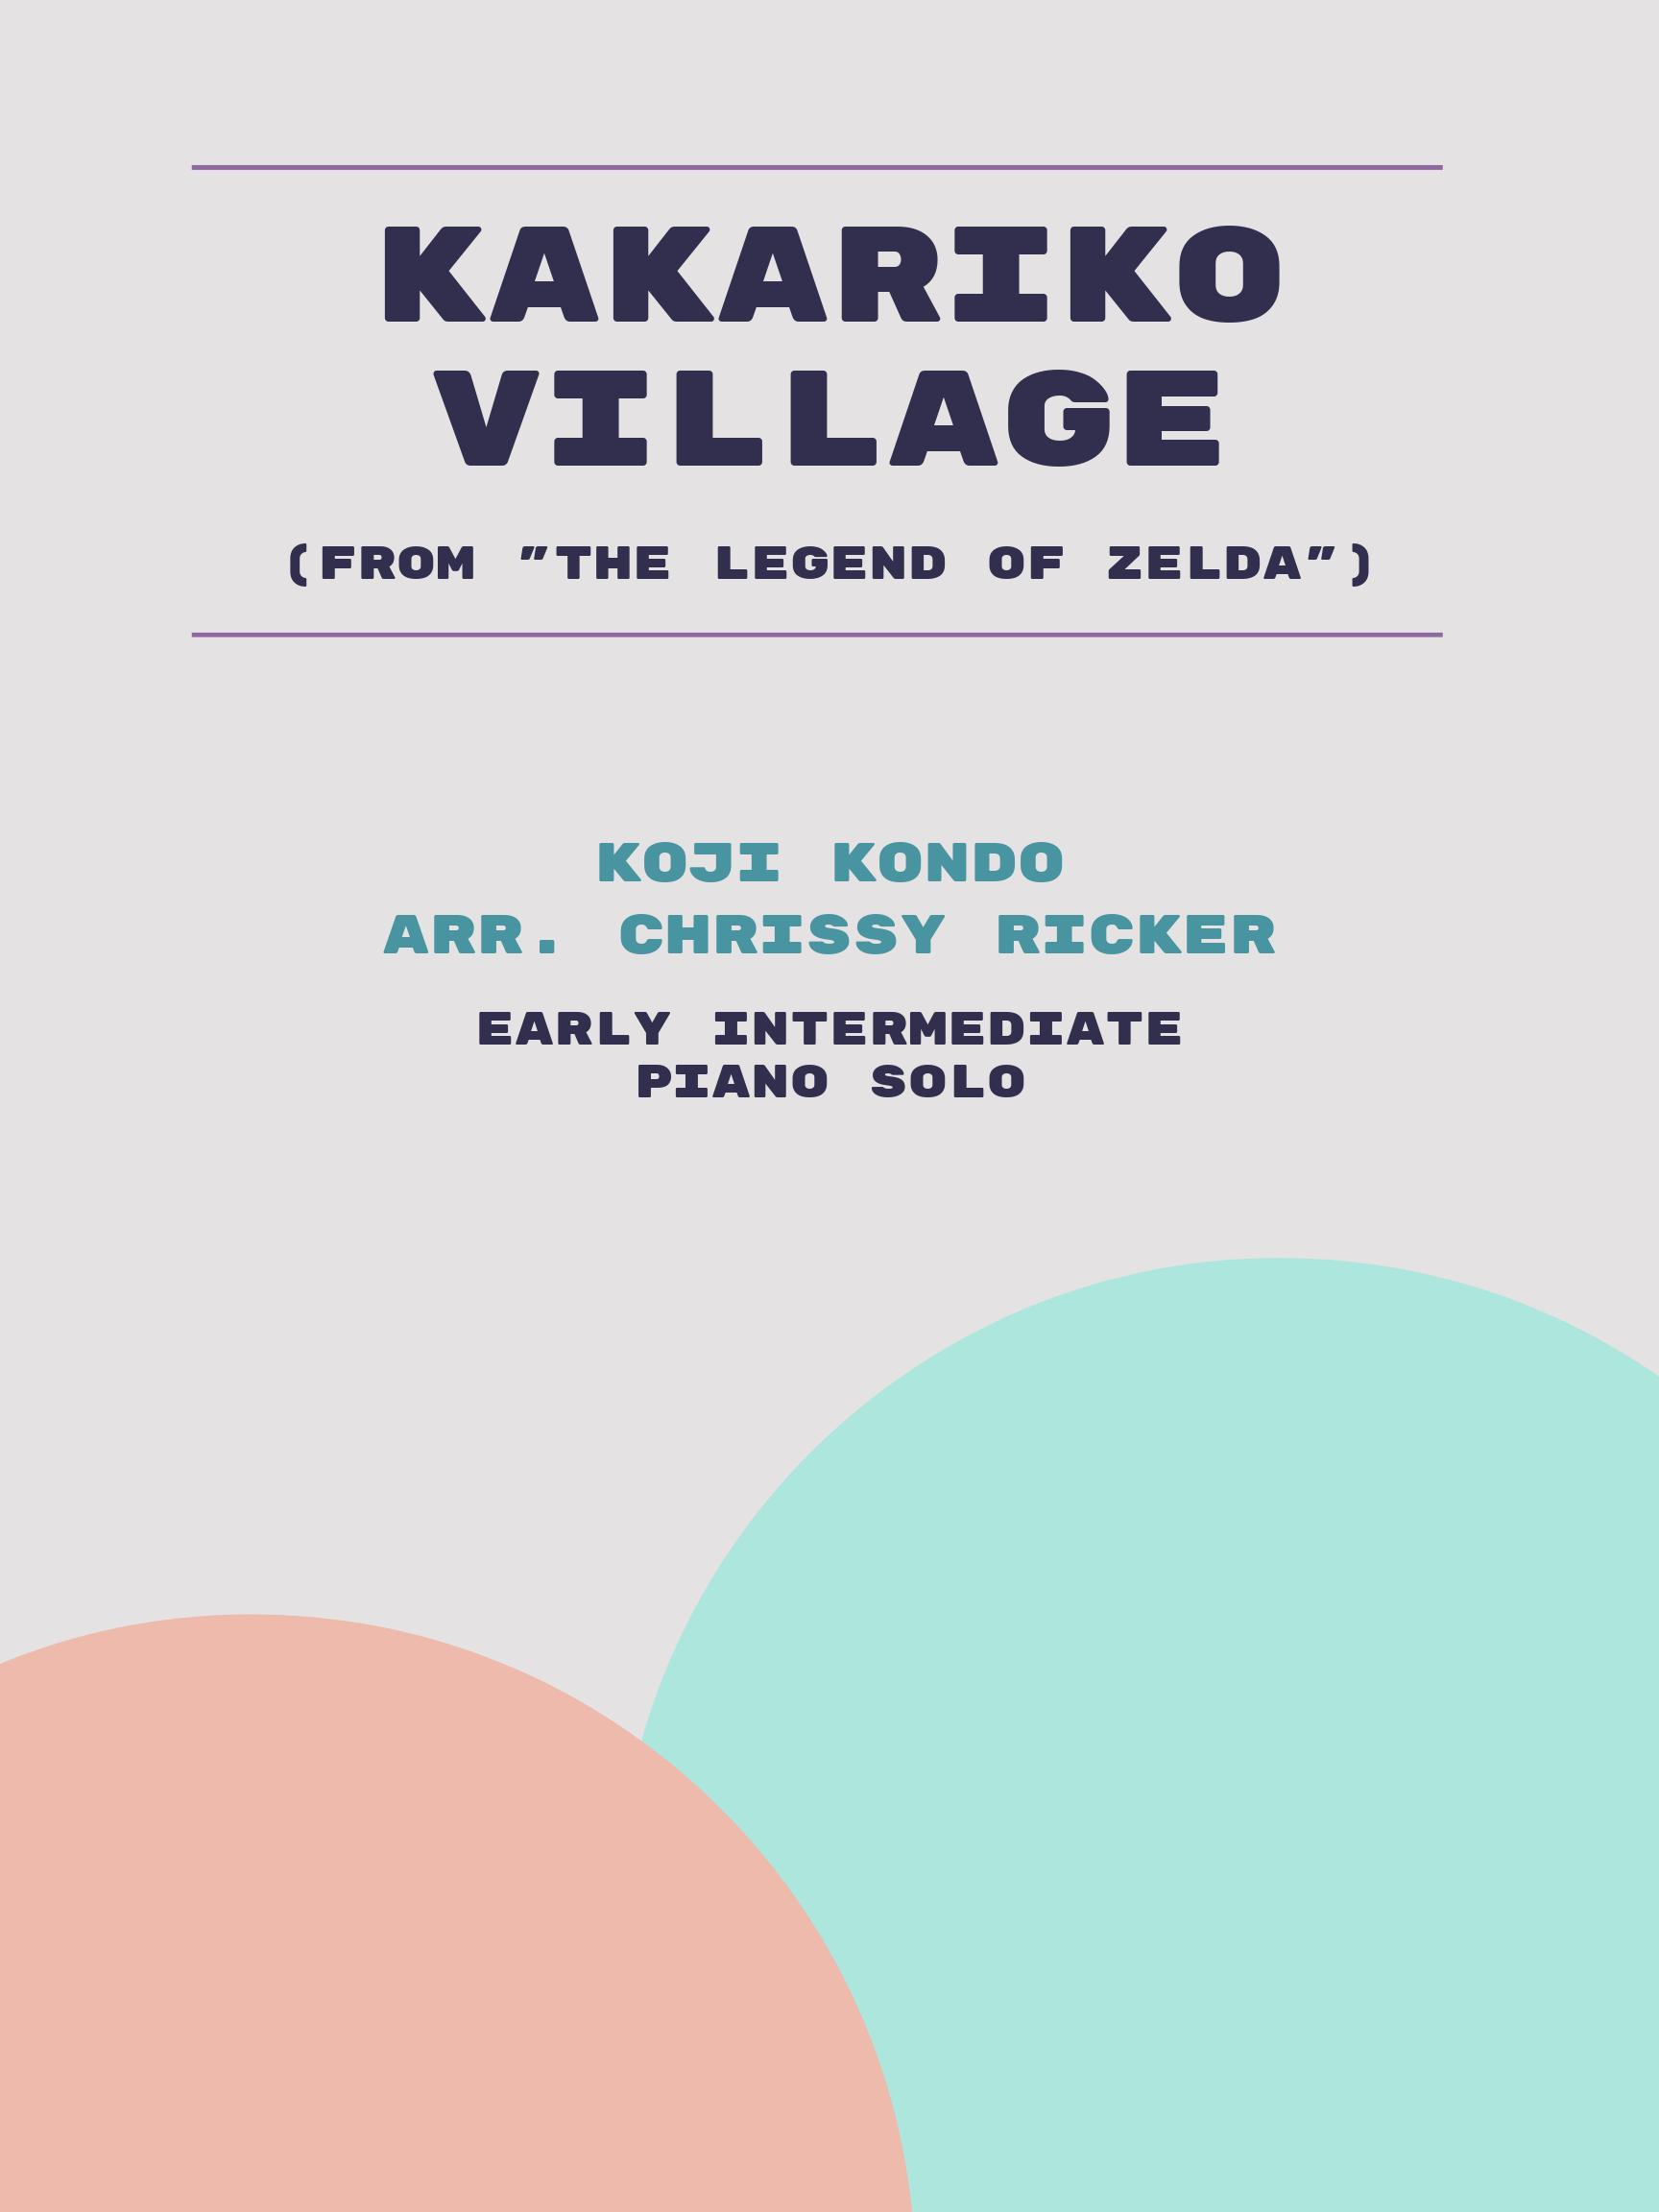 Kakariko Village by Koji Kondo